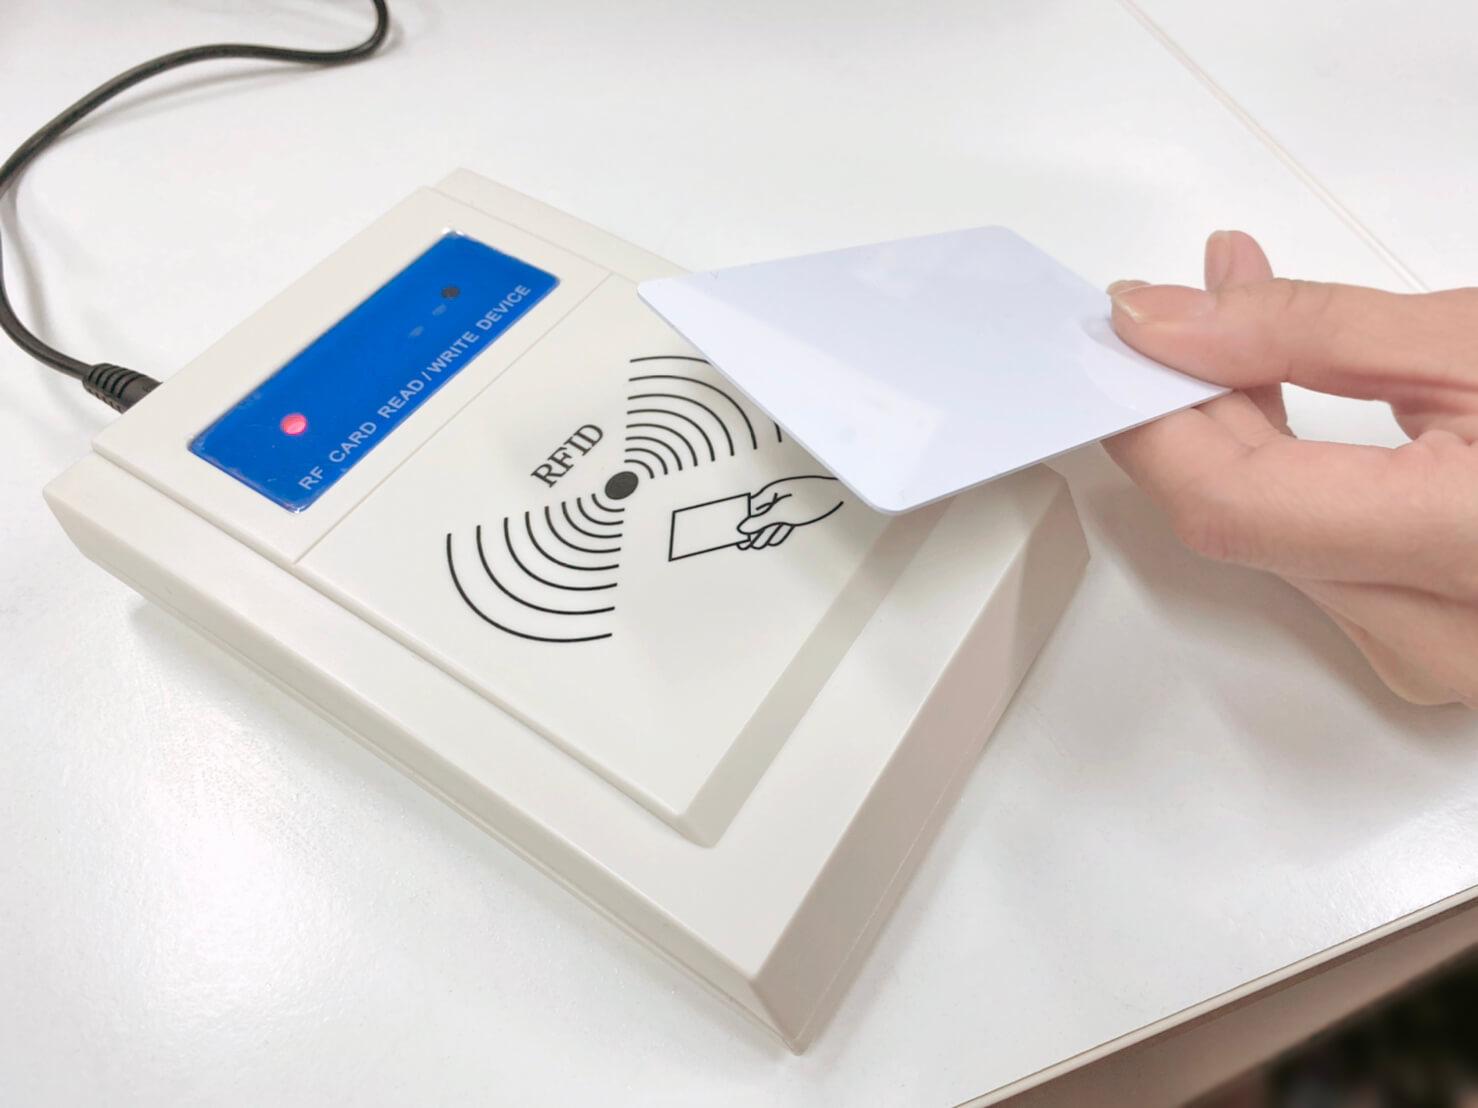 補習班點名系統:刷卡點名